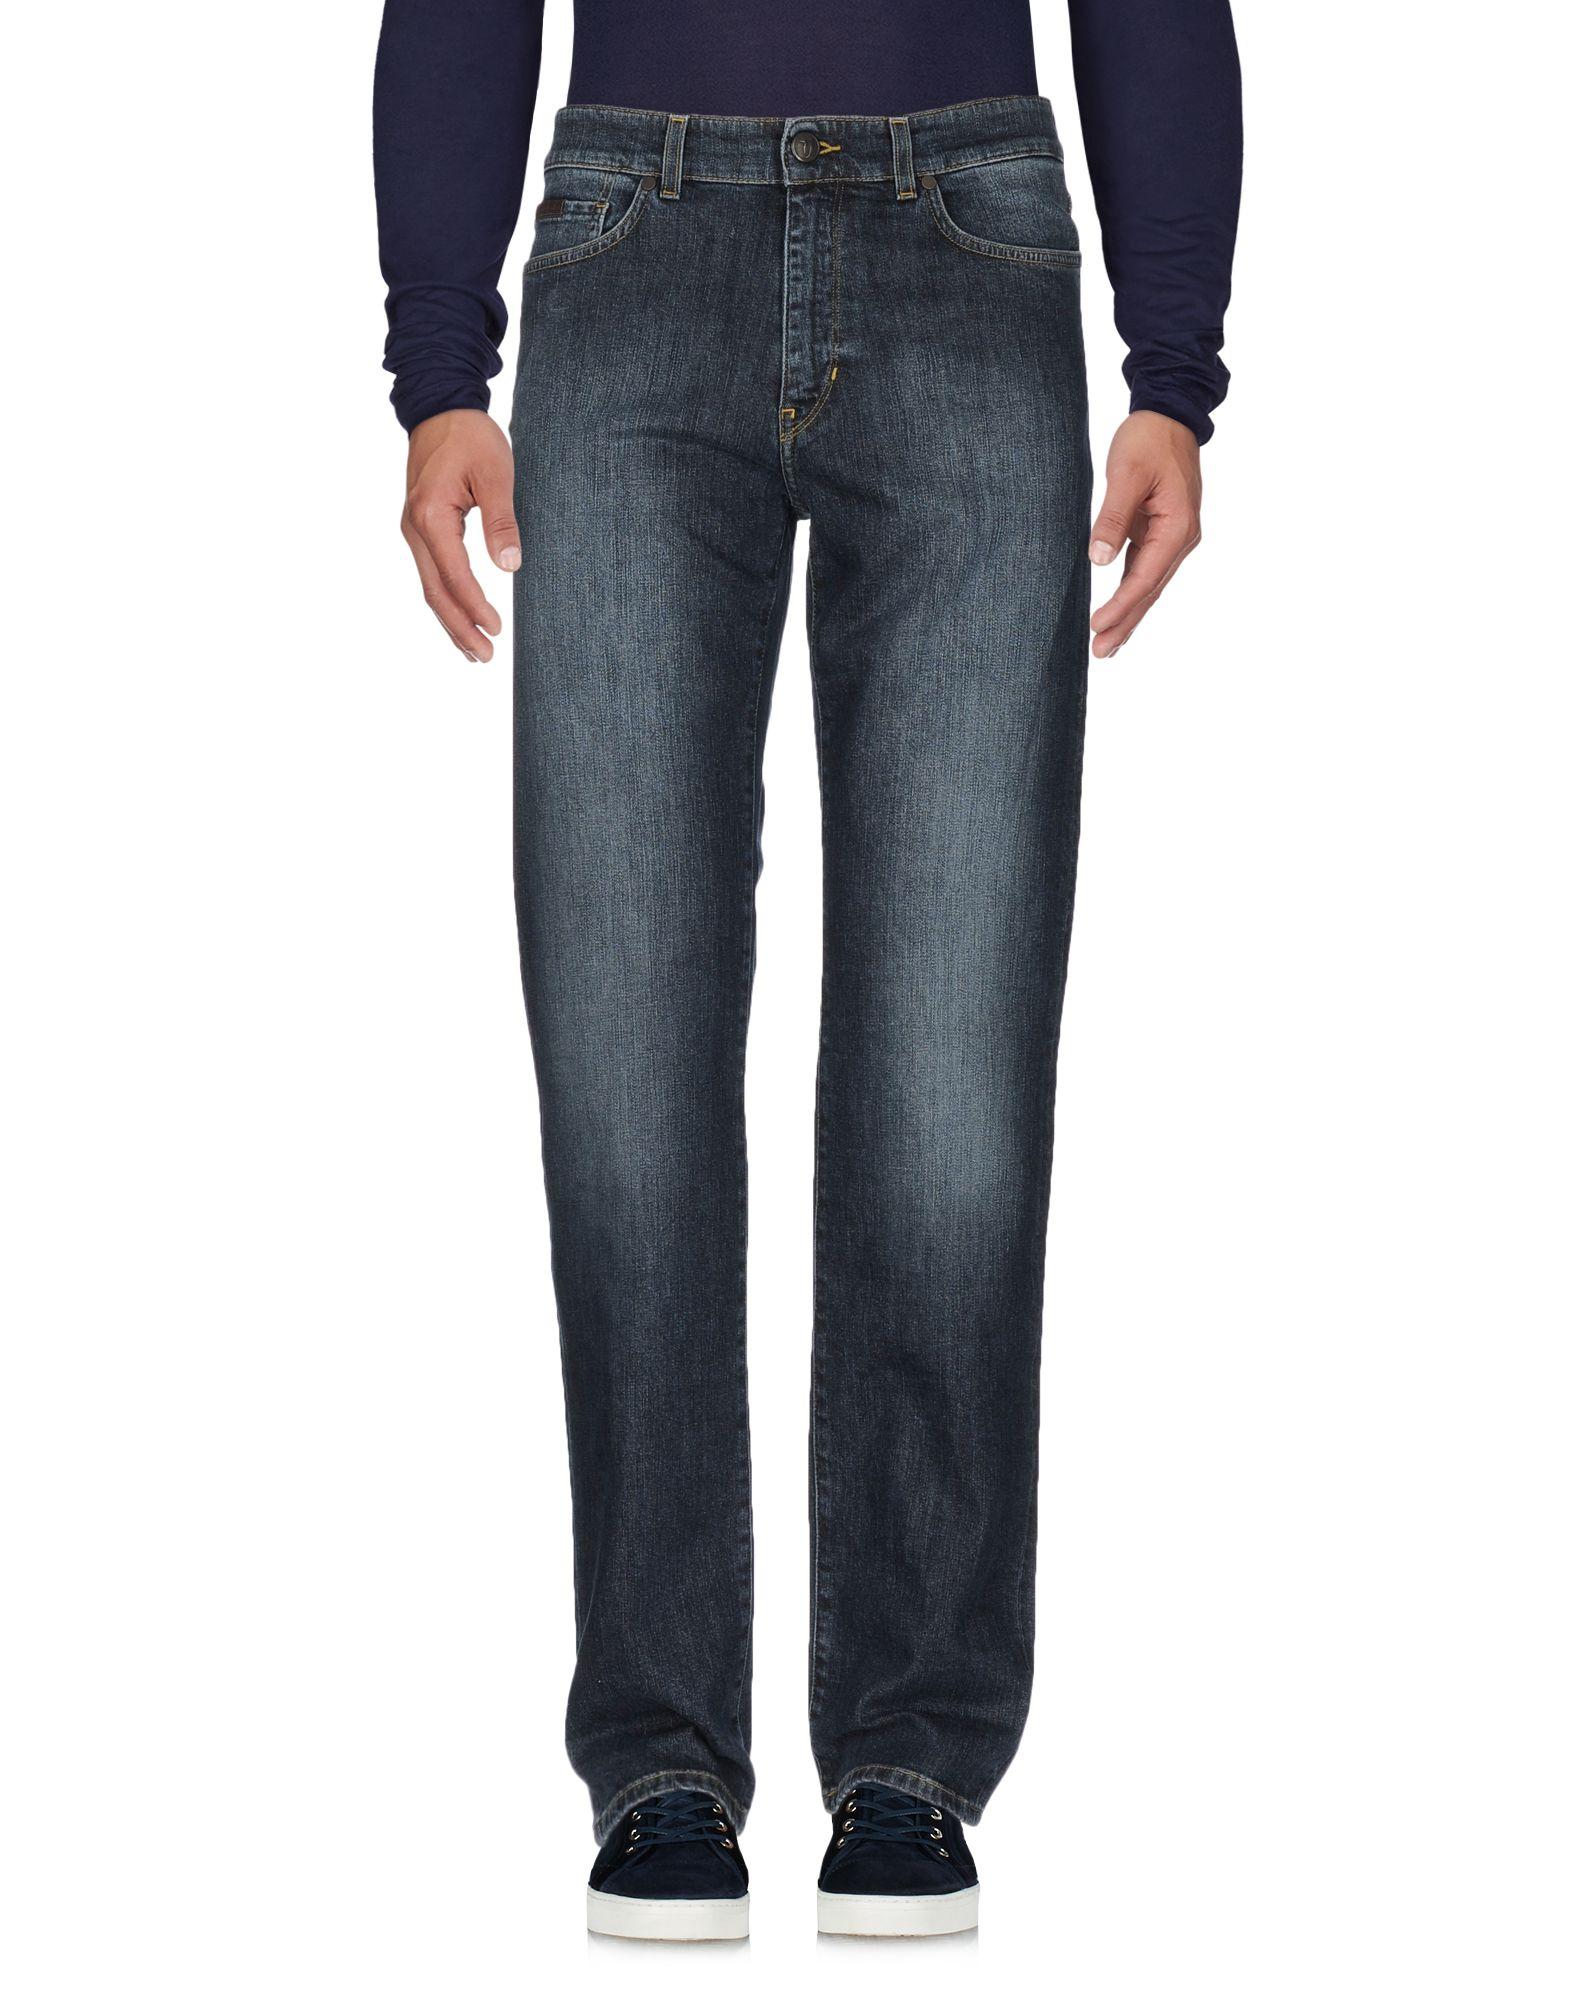 цены на TRUSSARDI JEANS Джинсовые брюки в интернет-магазинах